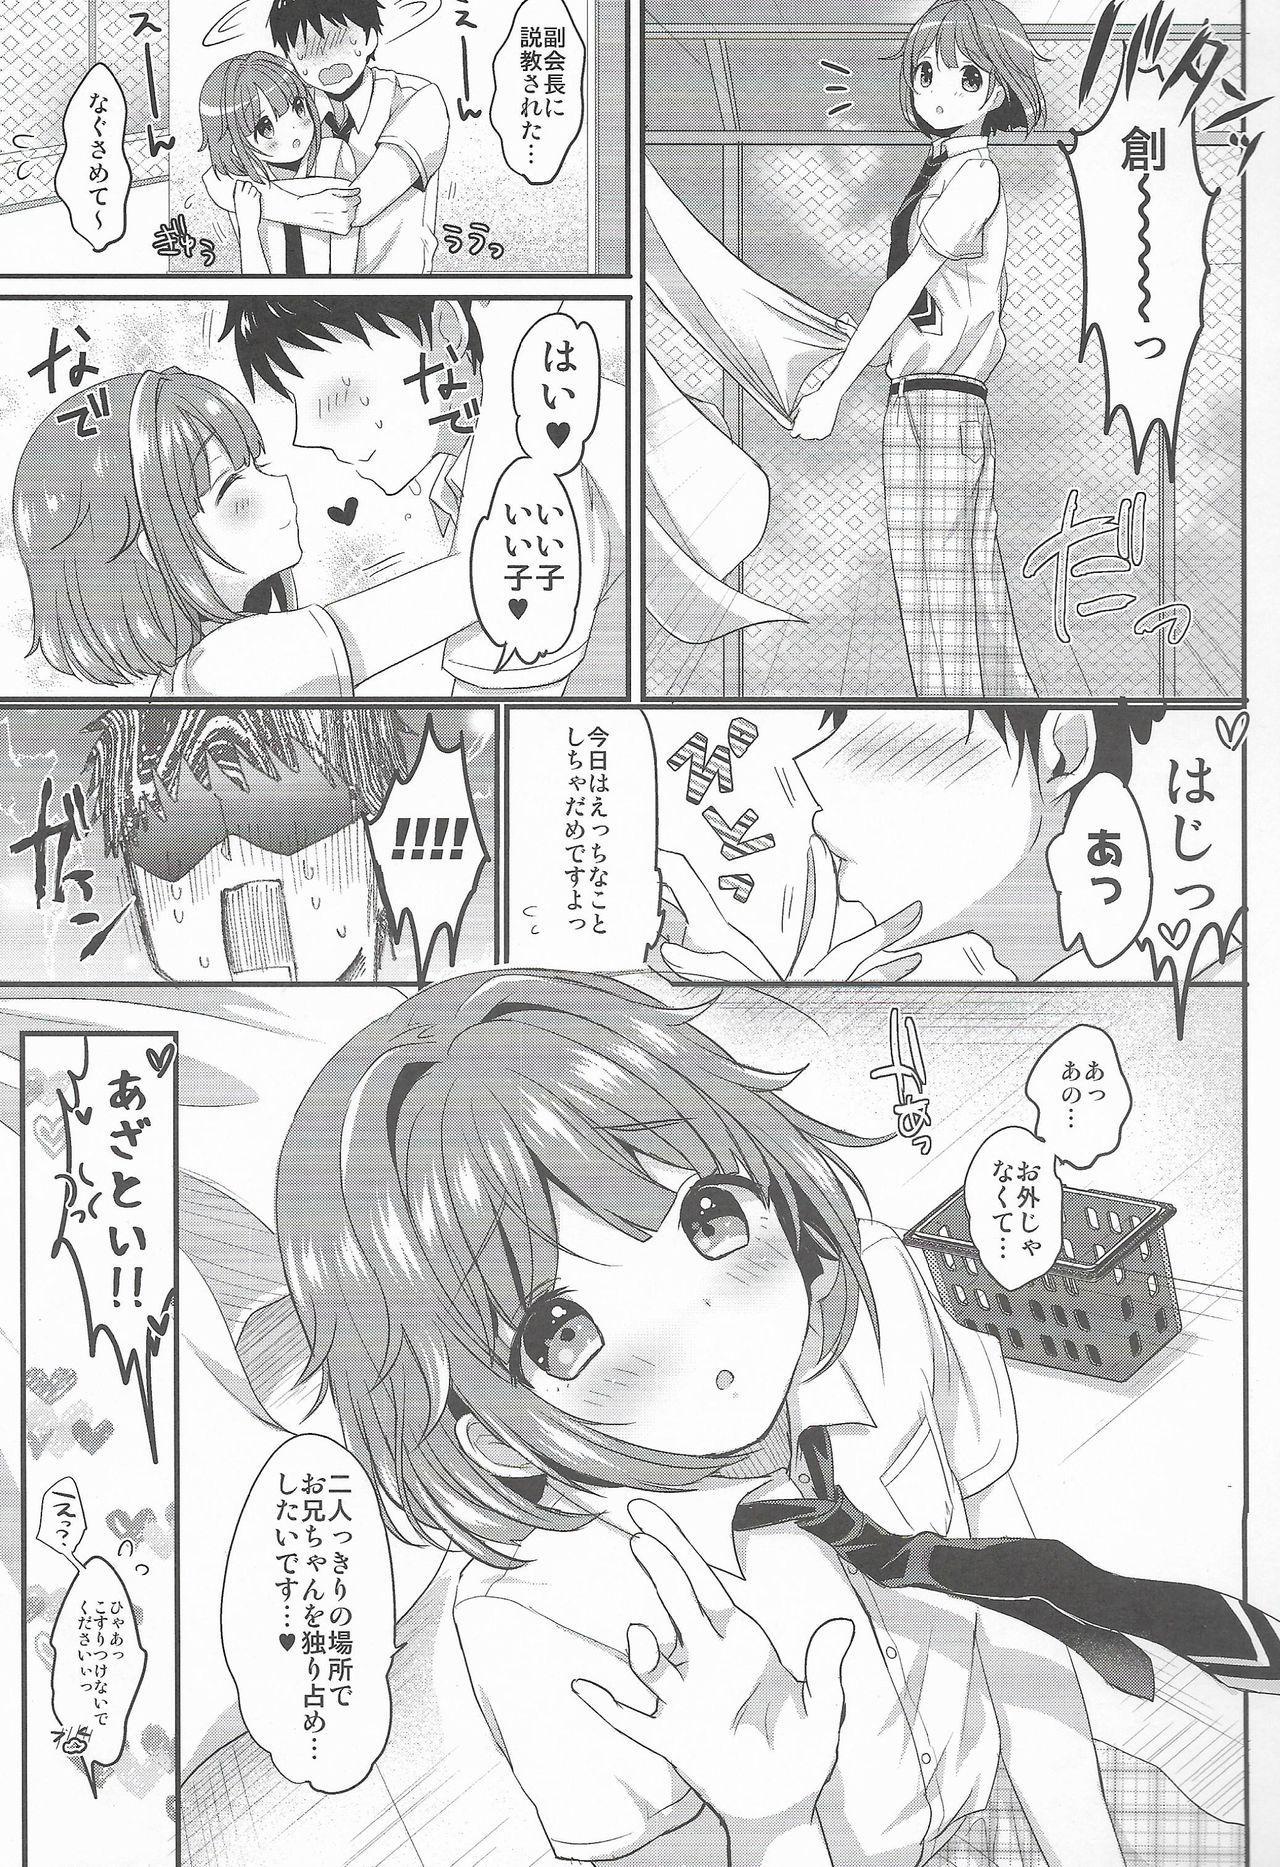 Hajime-kun to Ichaicha shitai! 21